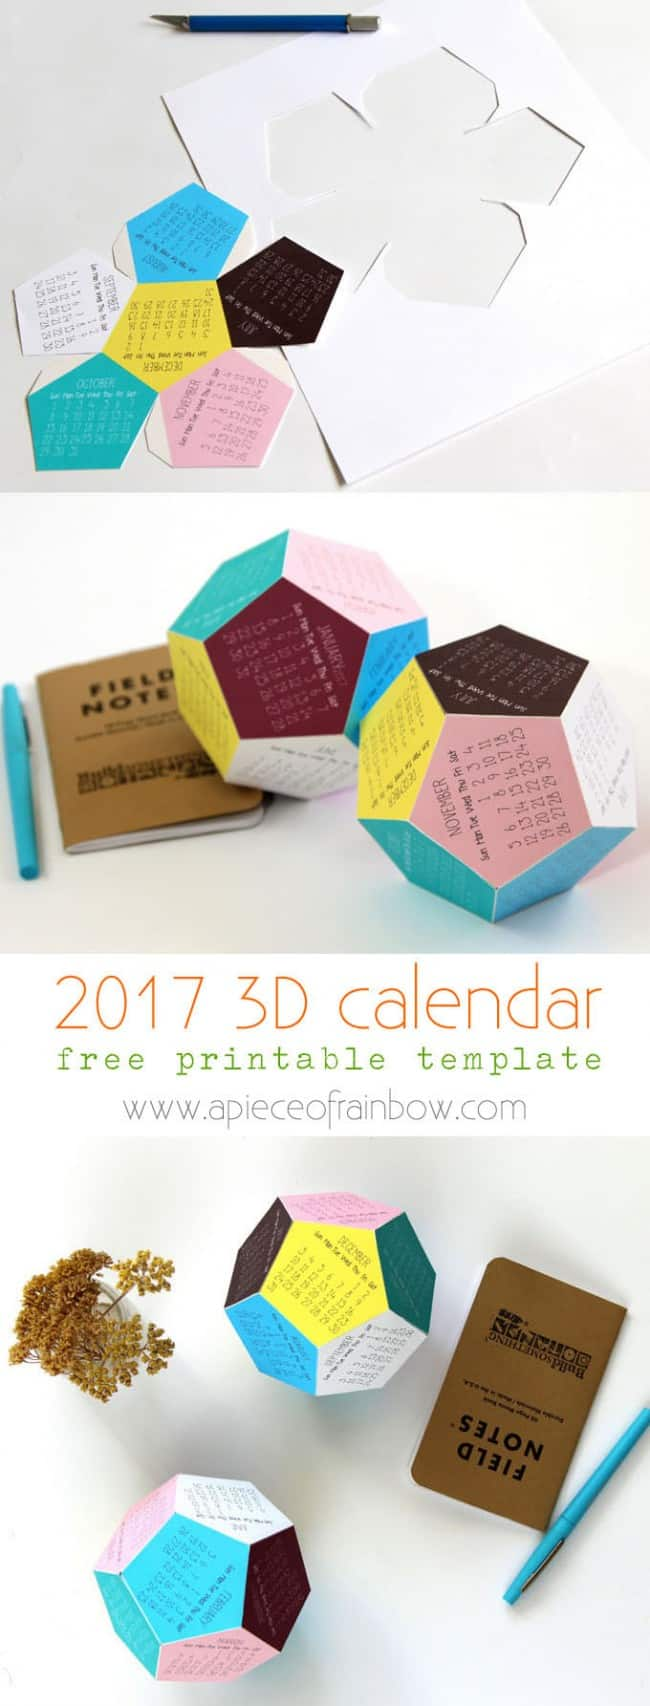 3D 2017 Printable Calendar - A Piece of Rainbow